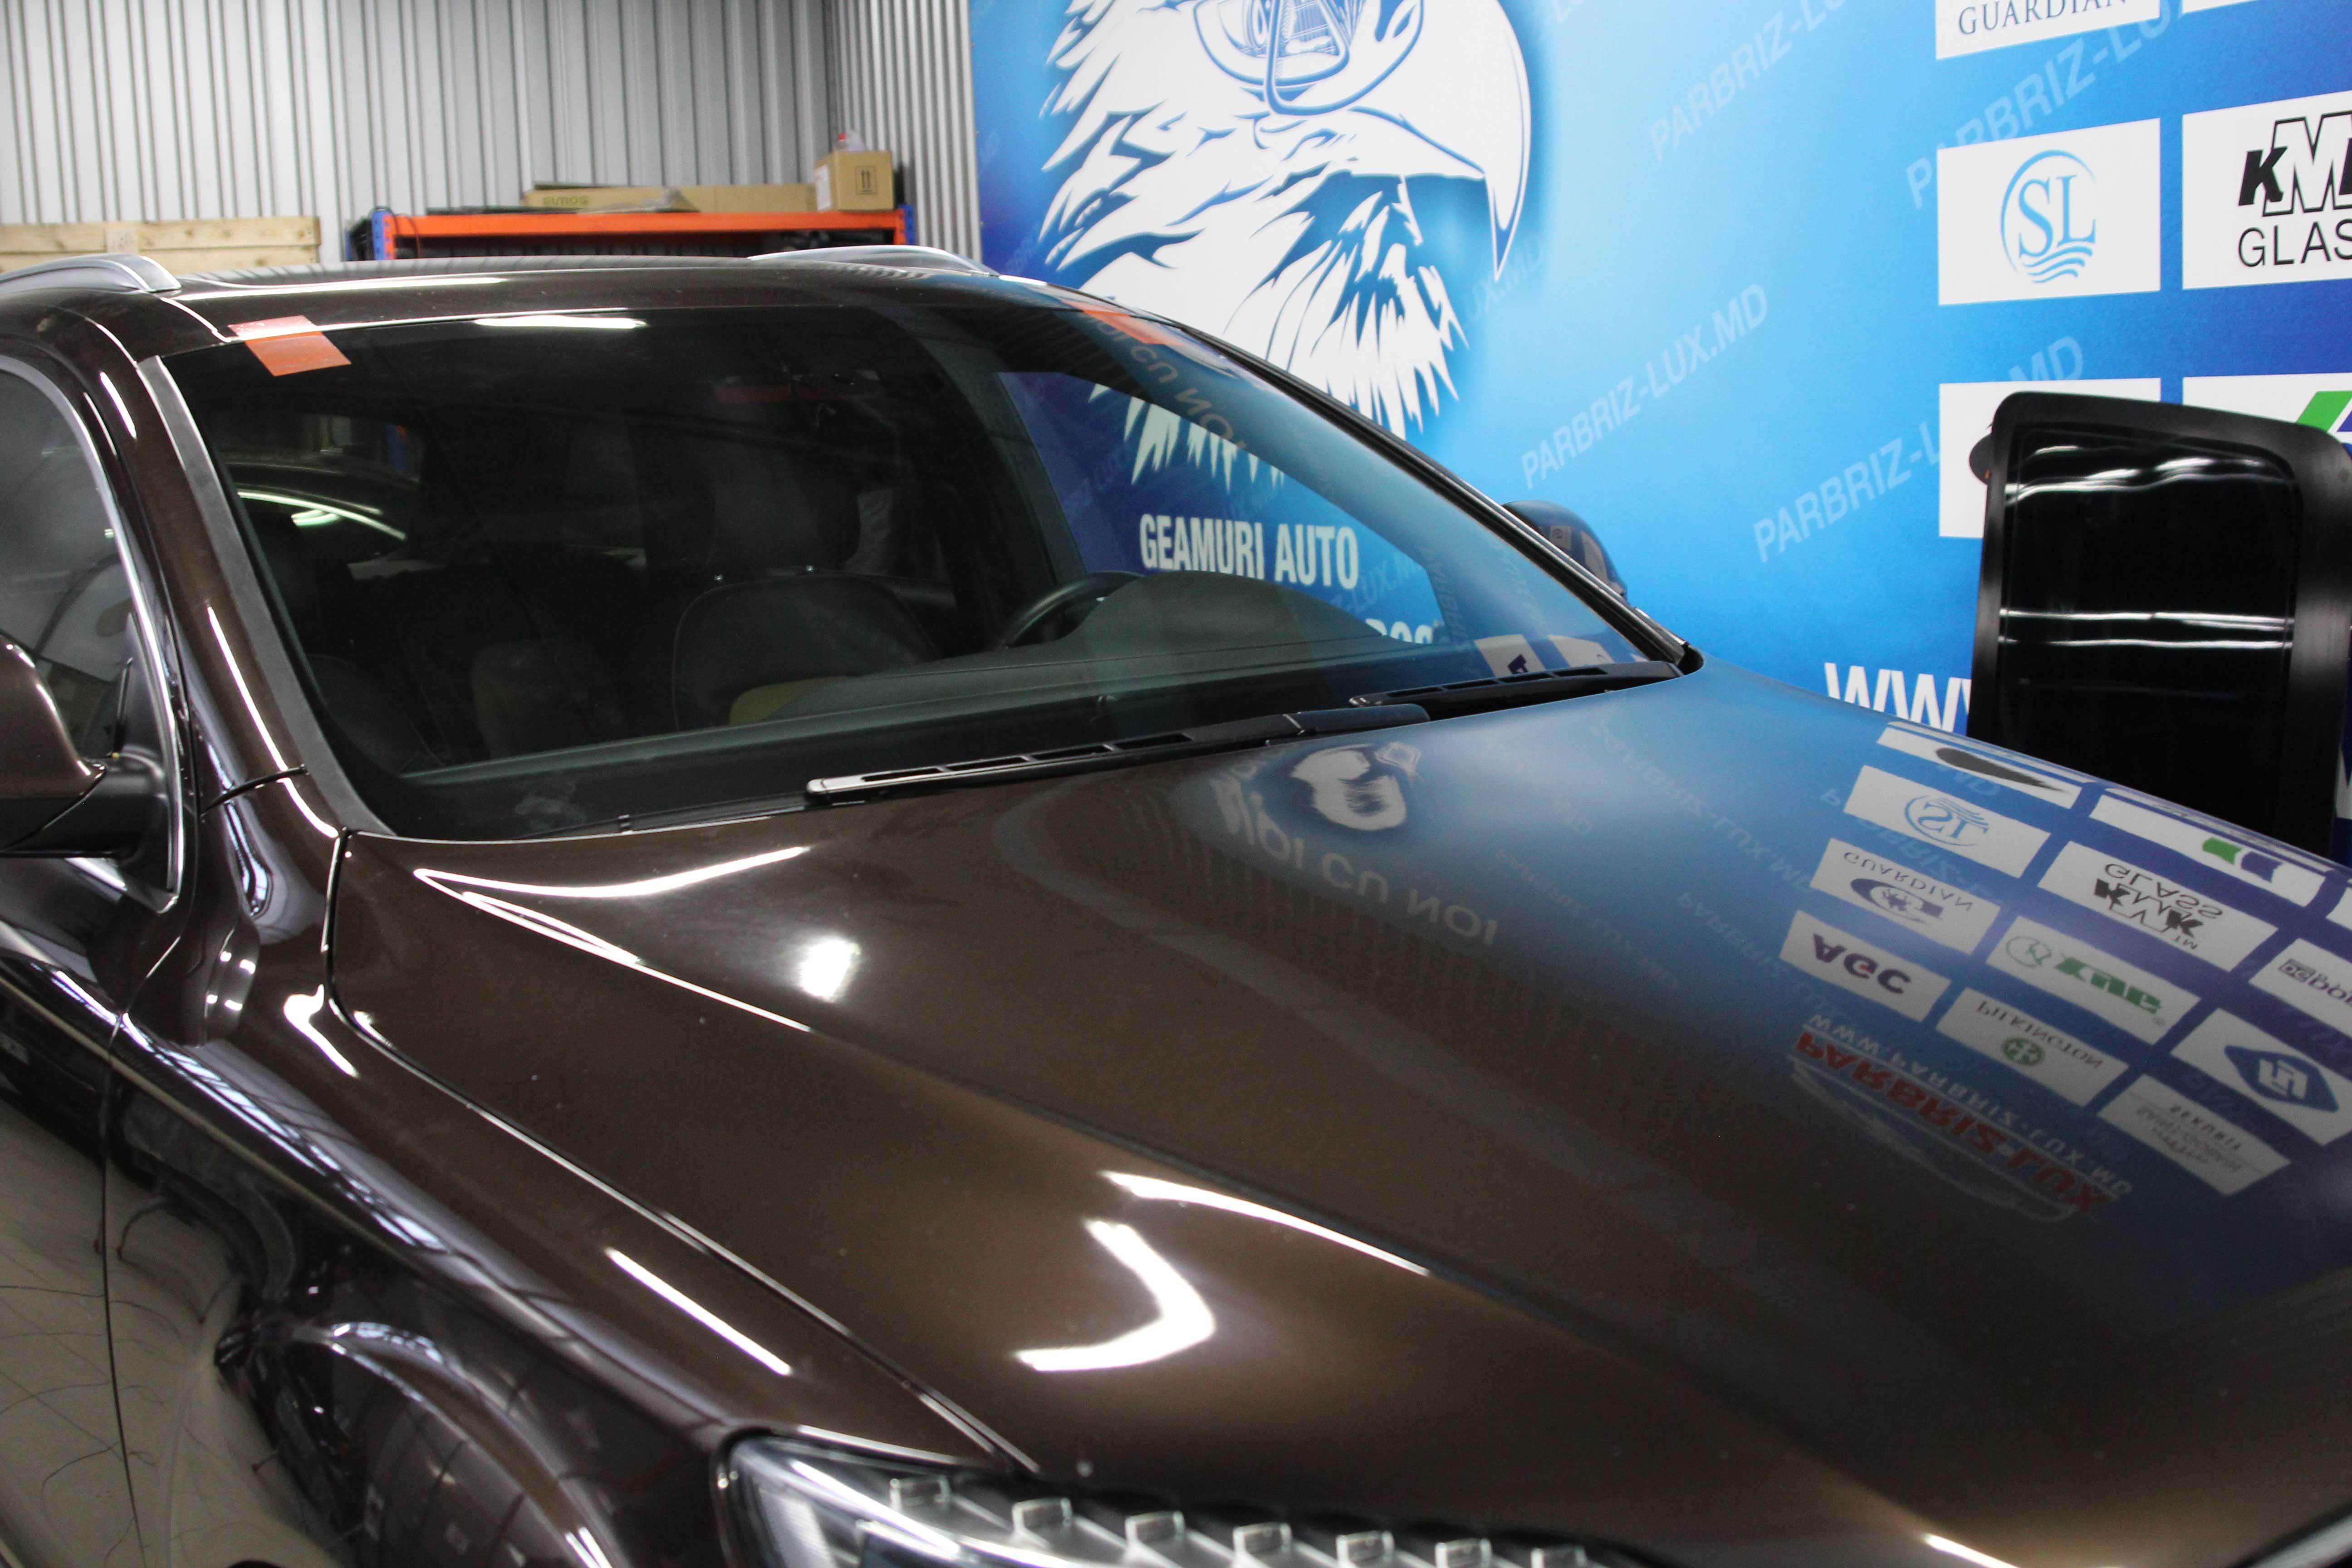 Geamul la Audi Q7